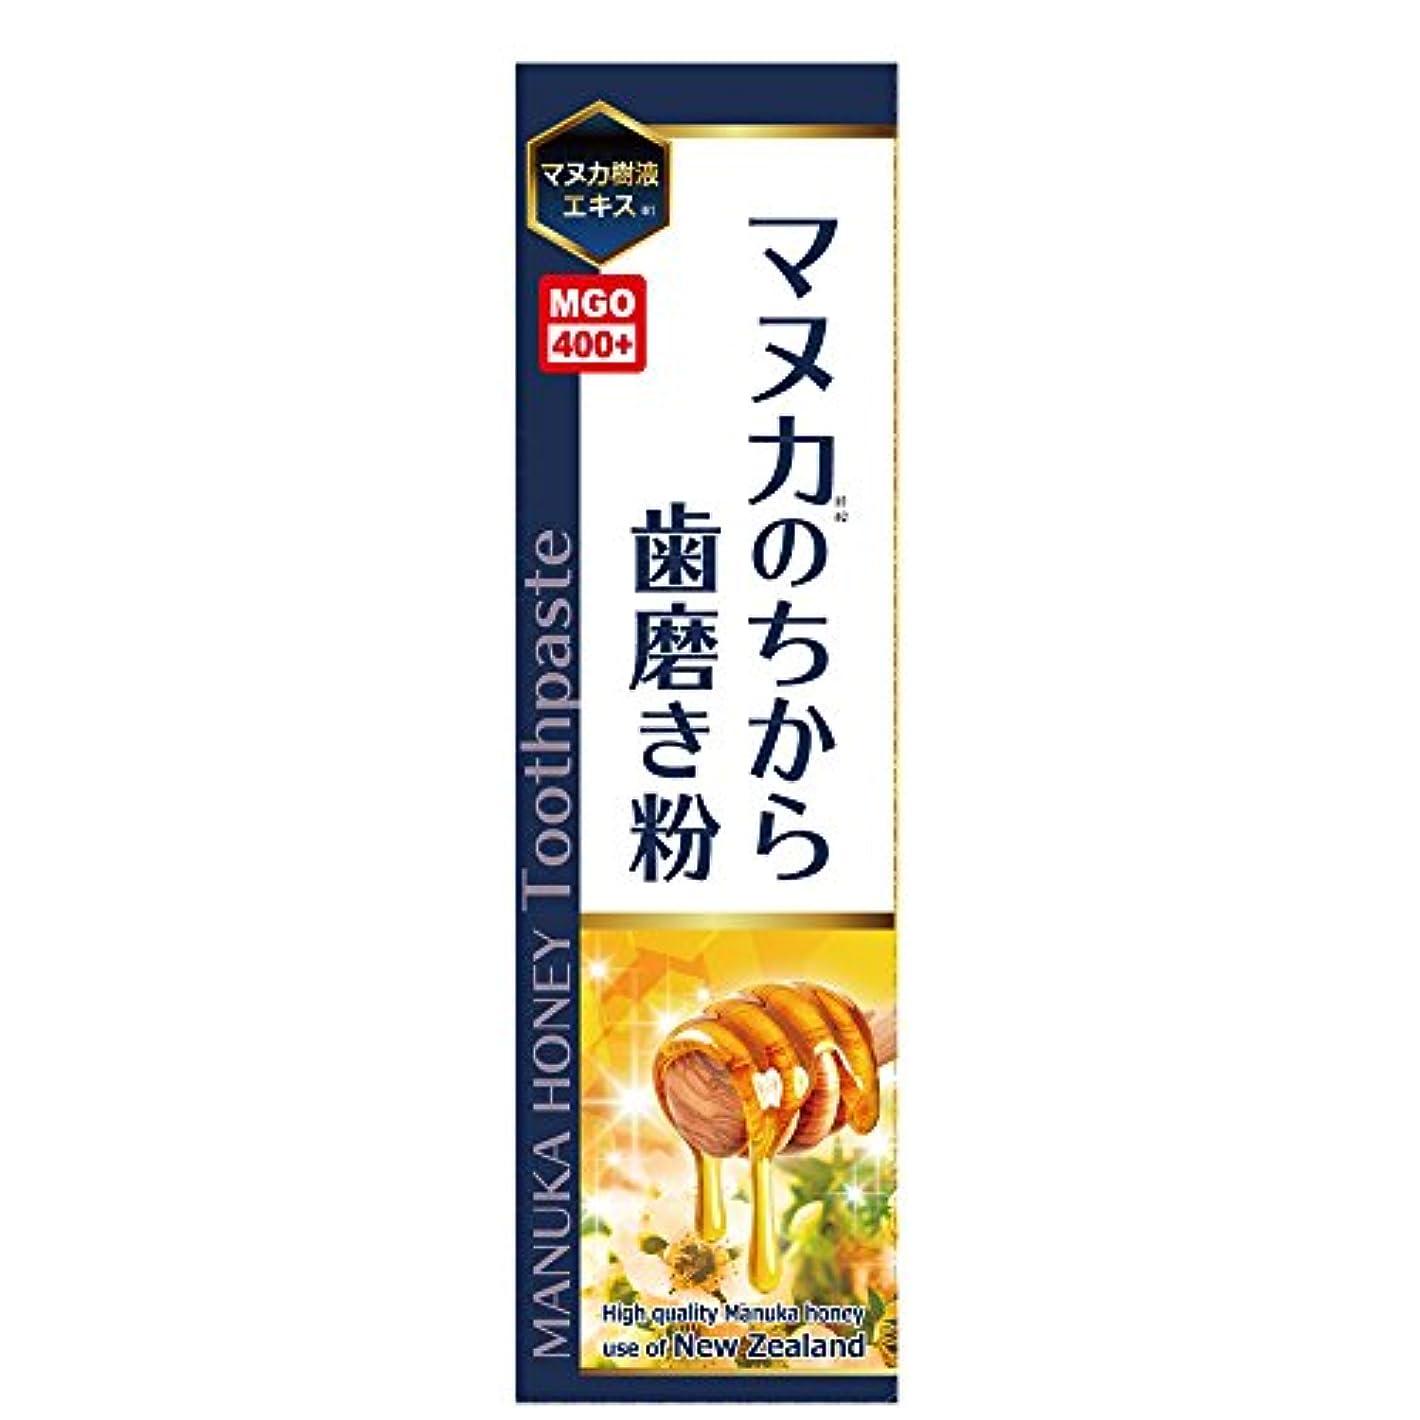 スライス秘書ふざけたマヌカのちから歯磨き粉 ハチミツレモン味 100g